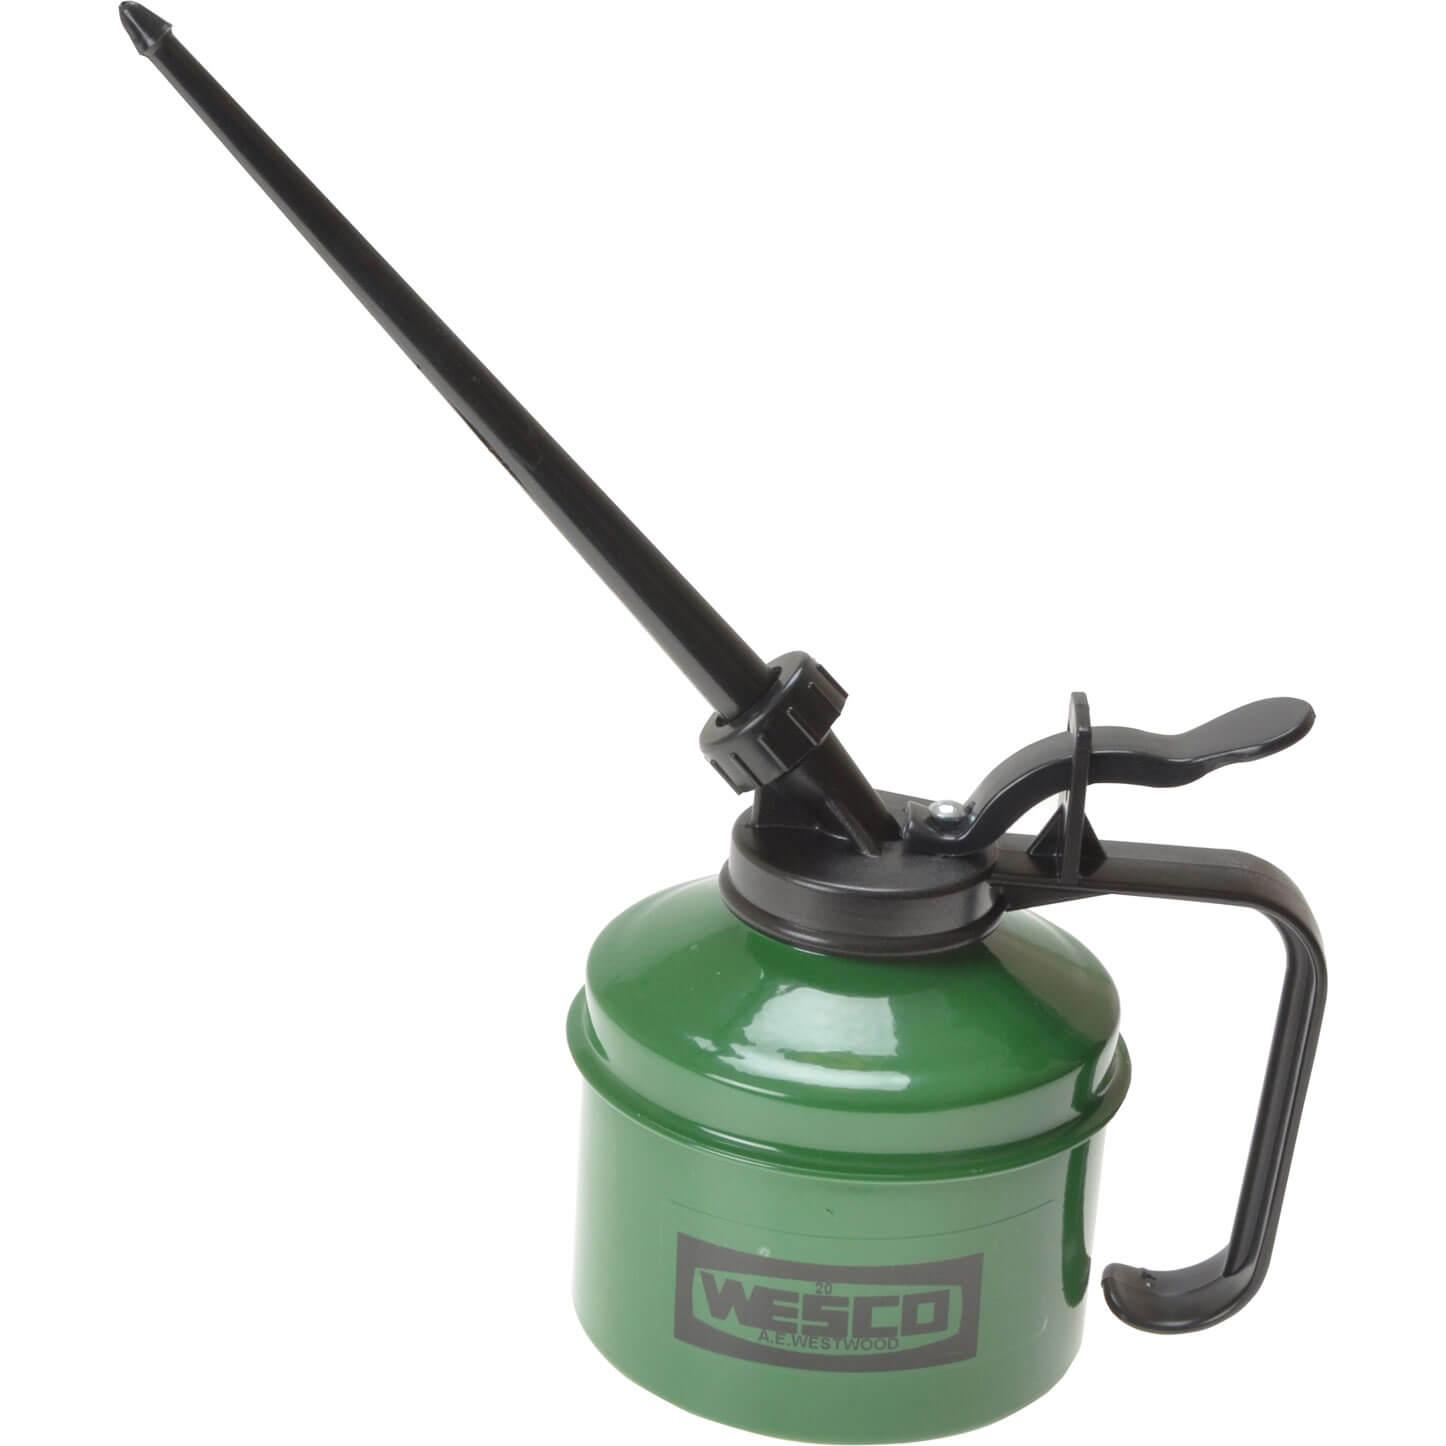 Wesco Metal Oil Can & Nylon Spout 350ml